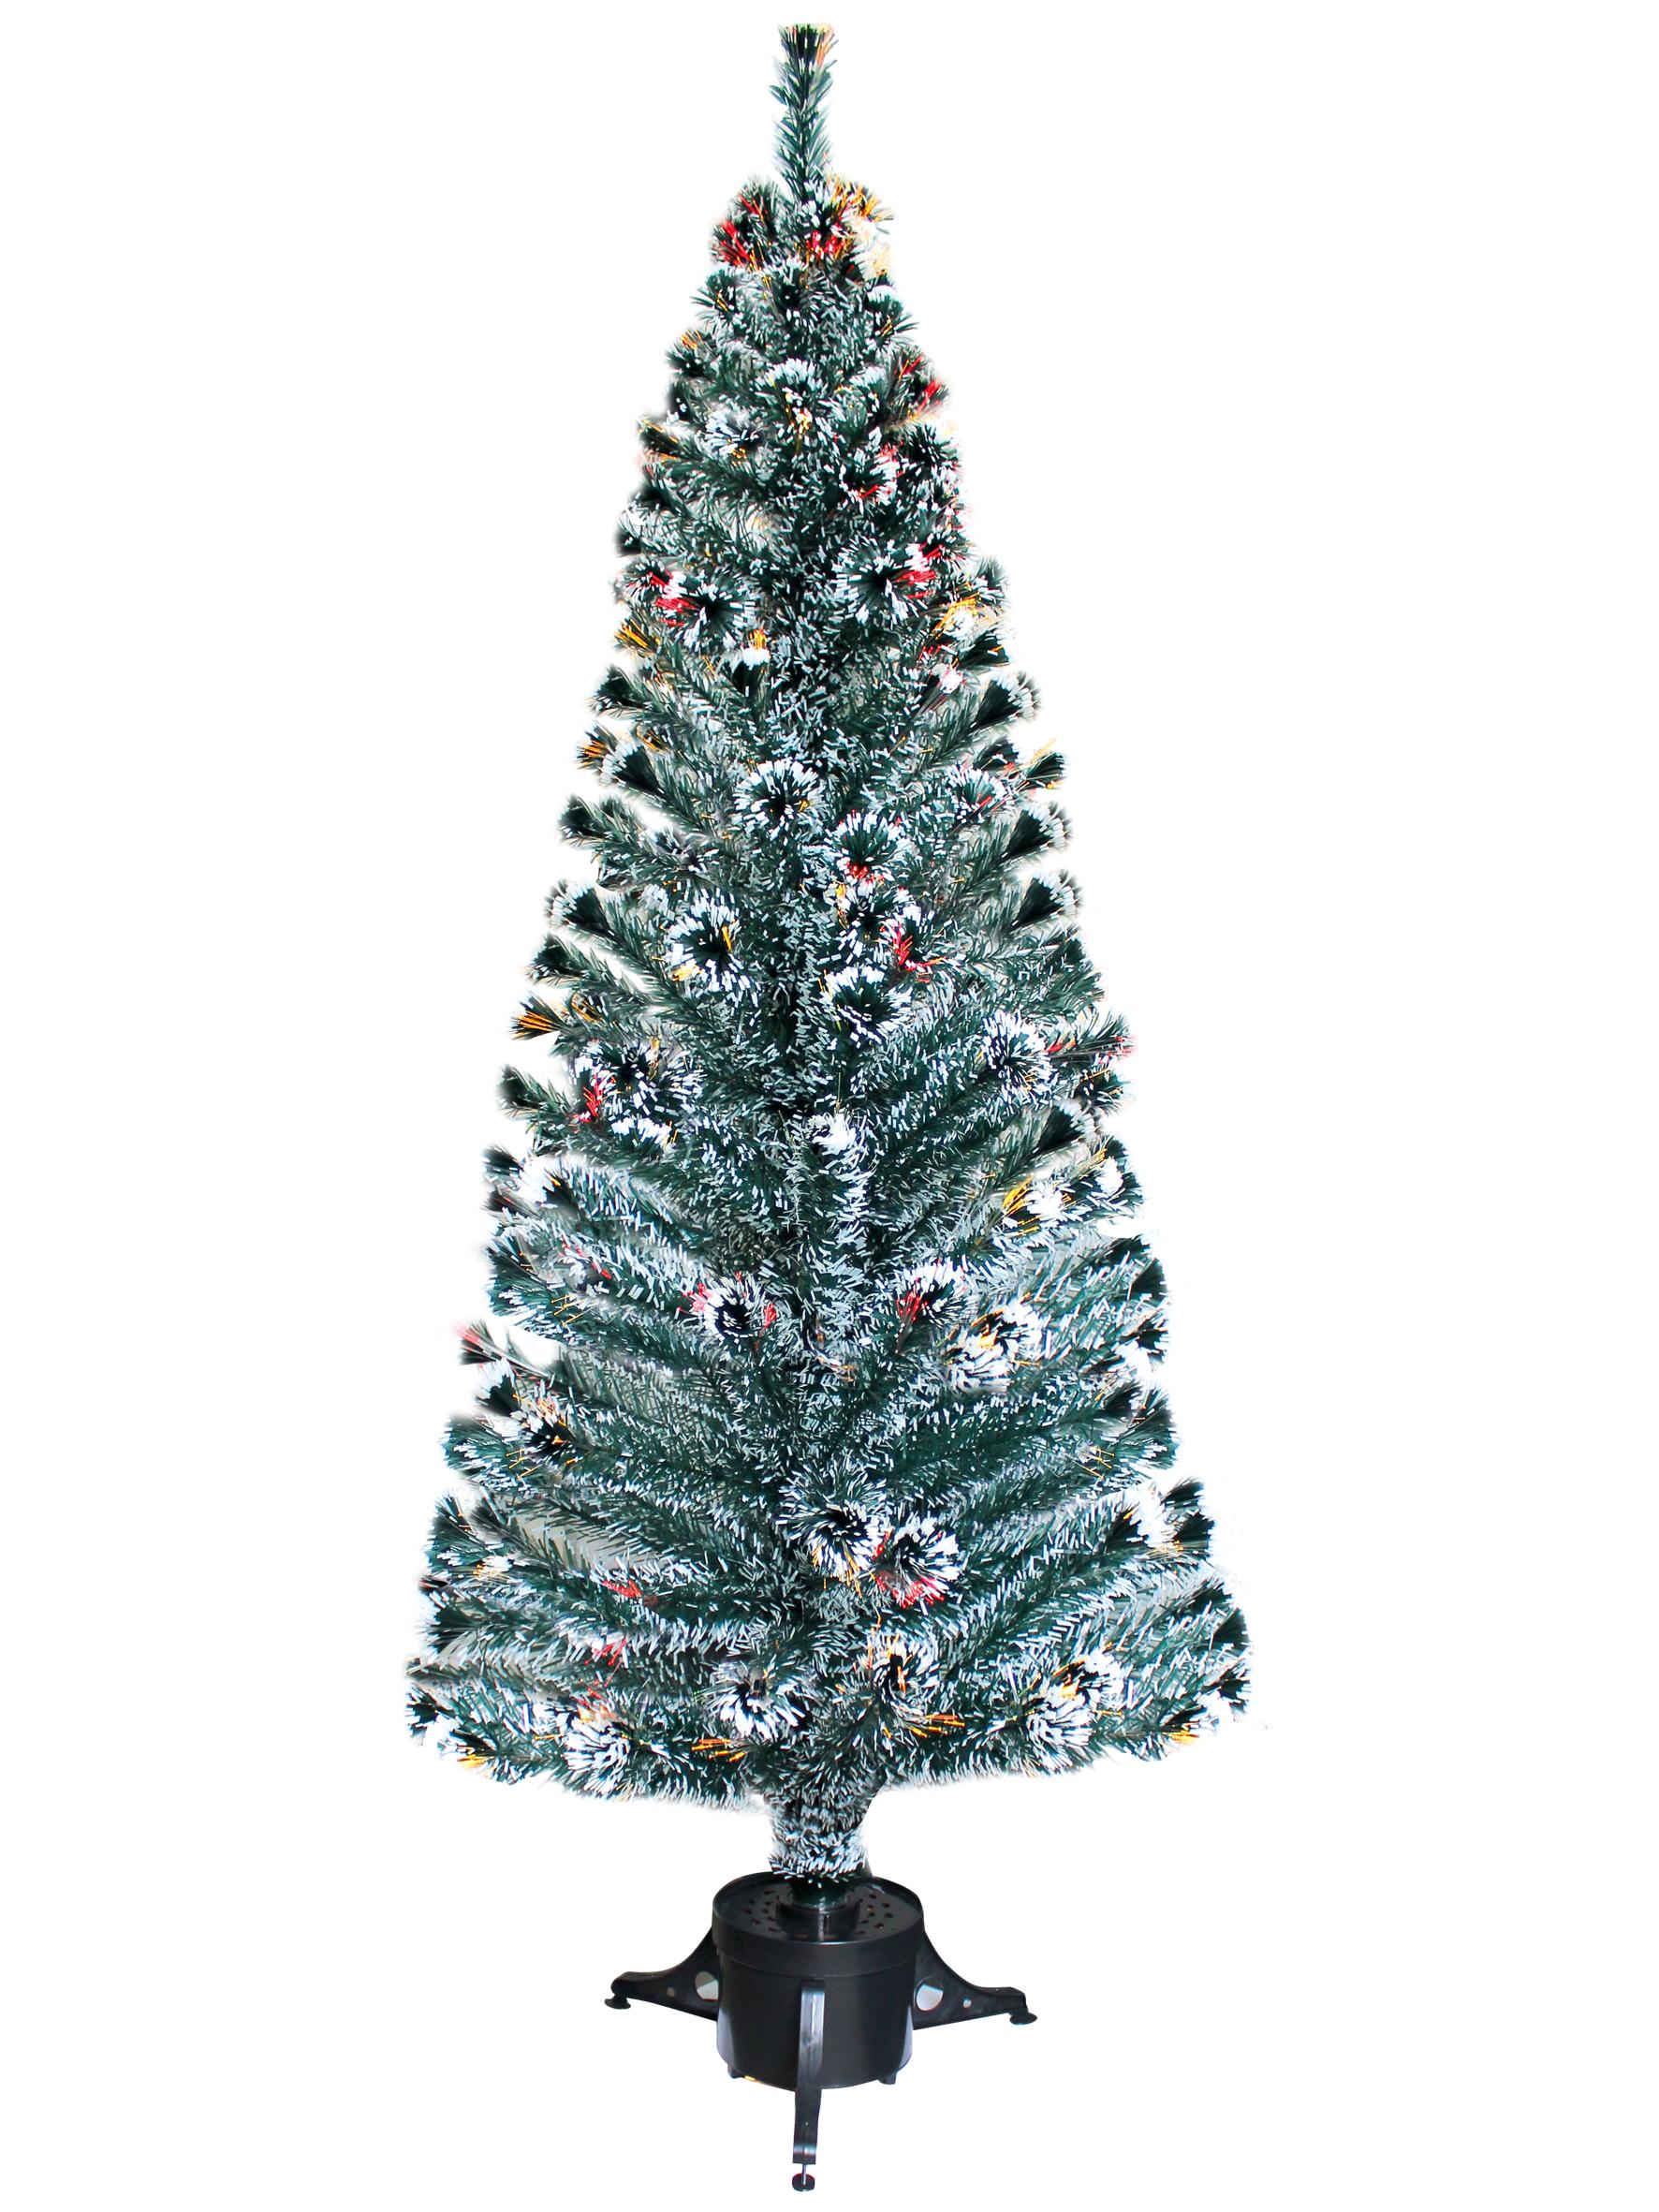 Weihnachtsbaum Künstlich 100cm.Künstlicher Weihnachtsbaum Mit Beleuchtung 100 Cm Inkl Baumständer